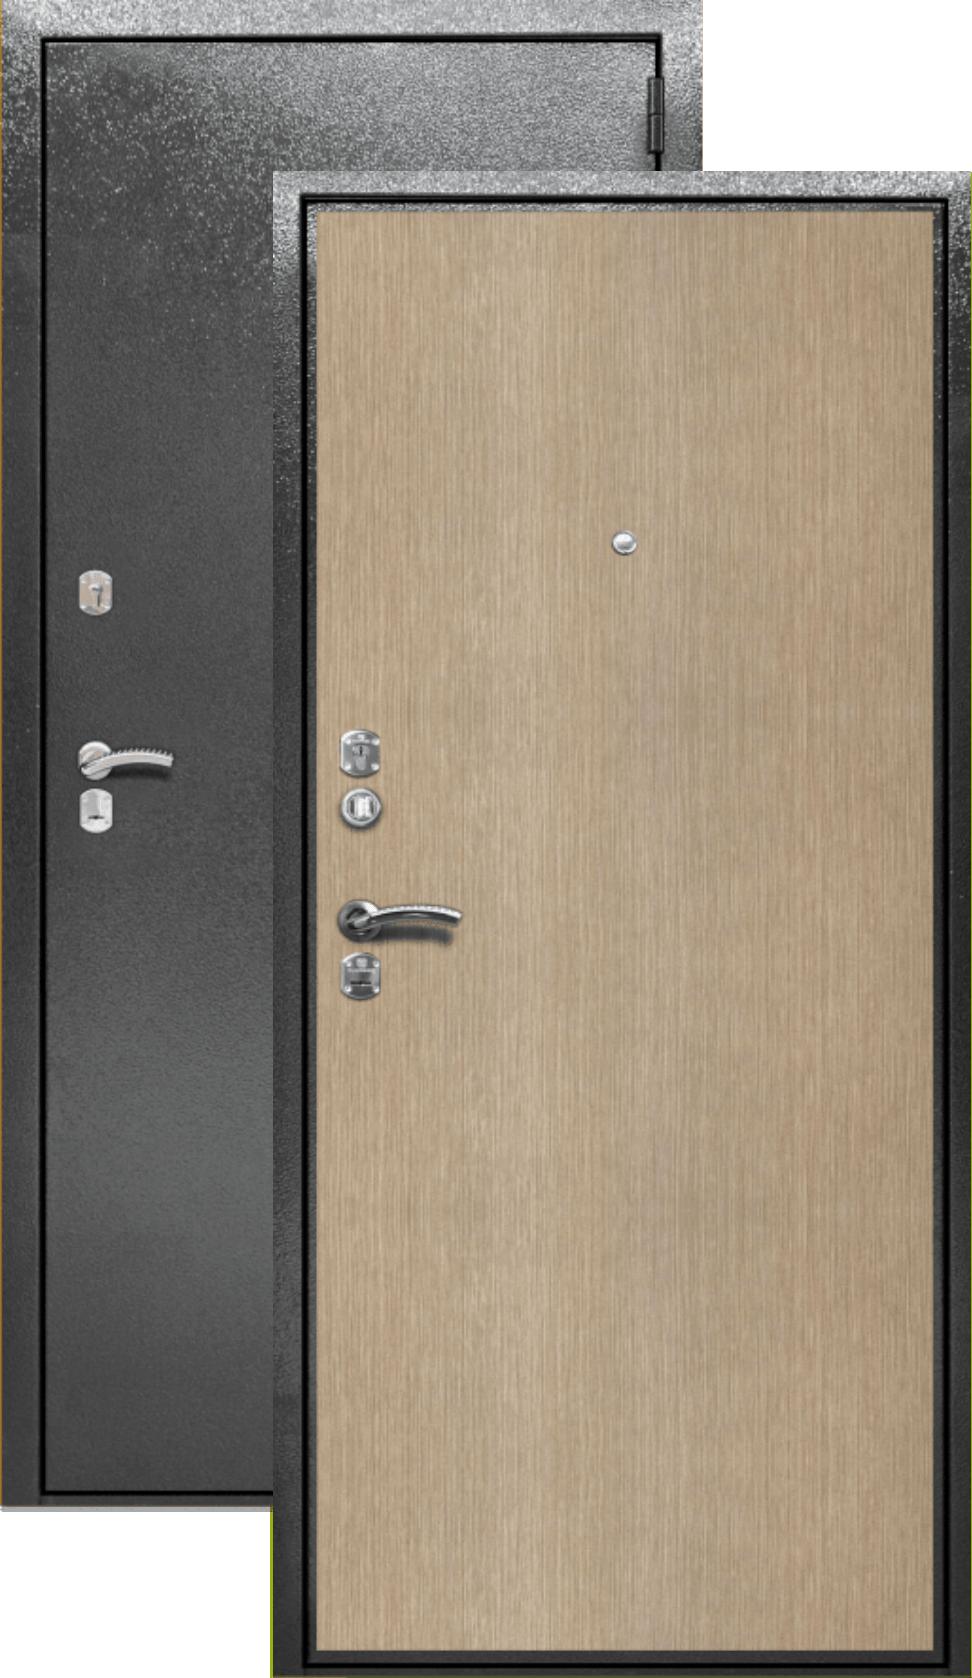 определится входная дверь сейф от застройщика фото фотостудия удобно